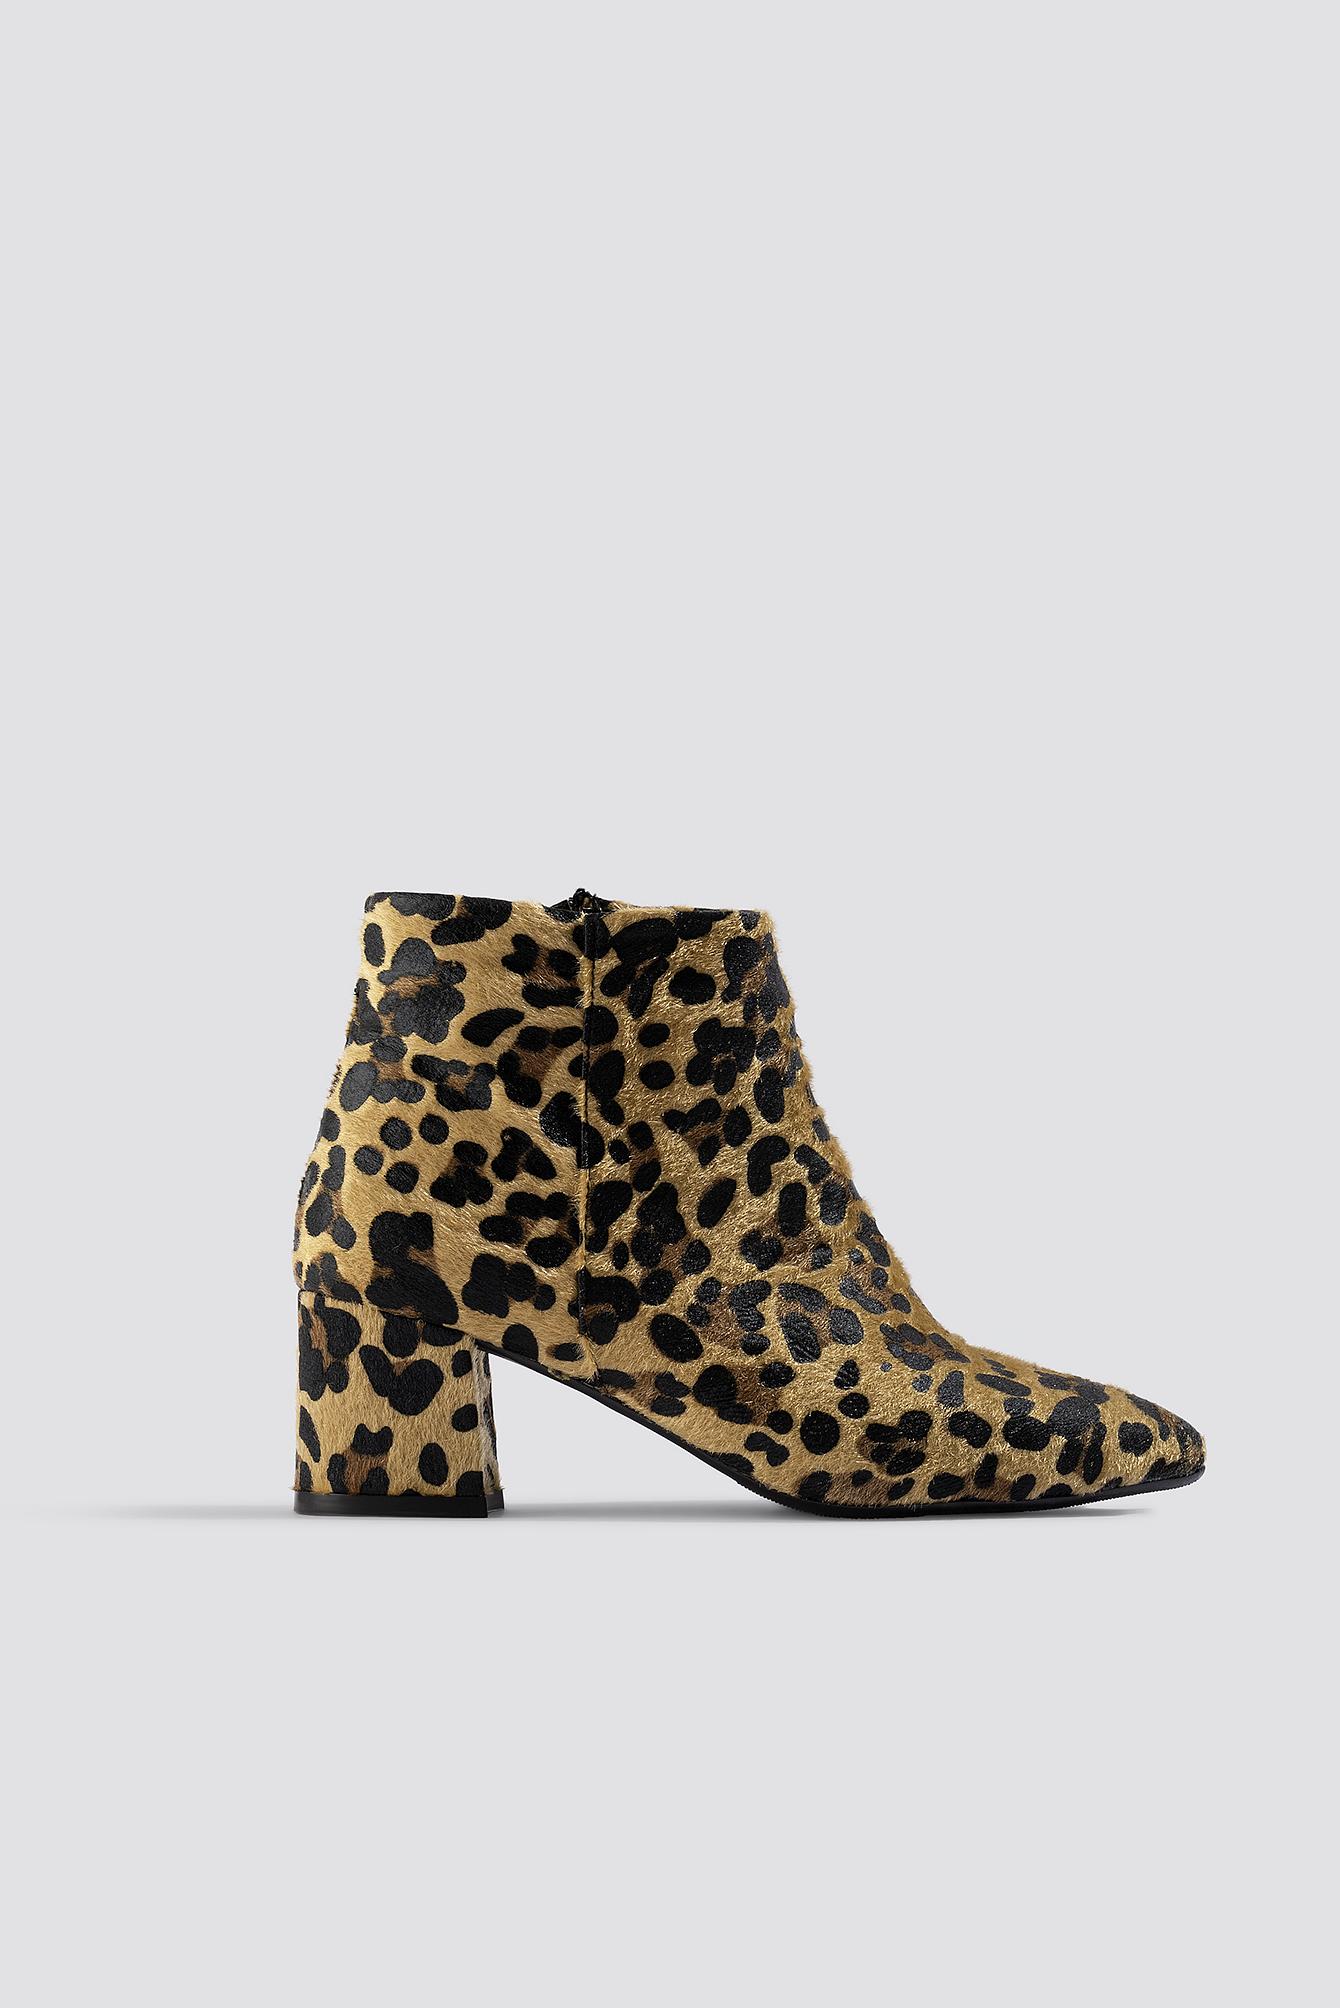 trendyol -  Leo Printed Boots - Brown,Beige,Multicolor